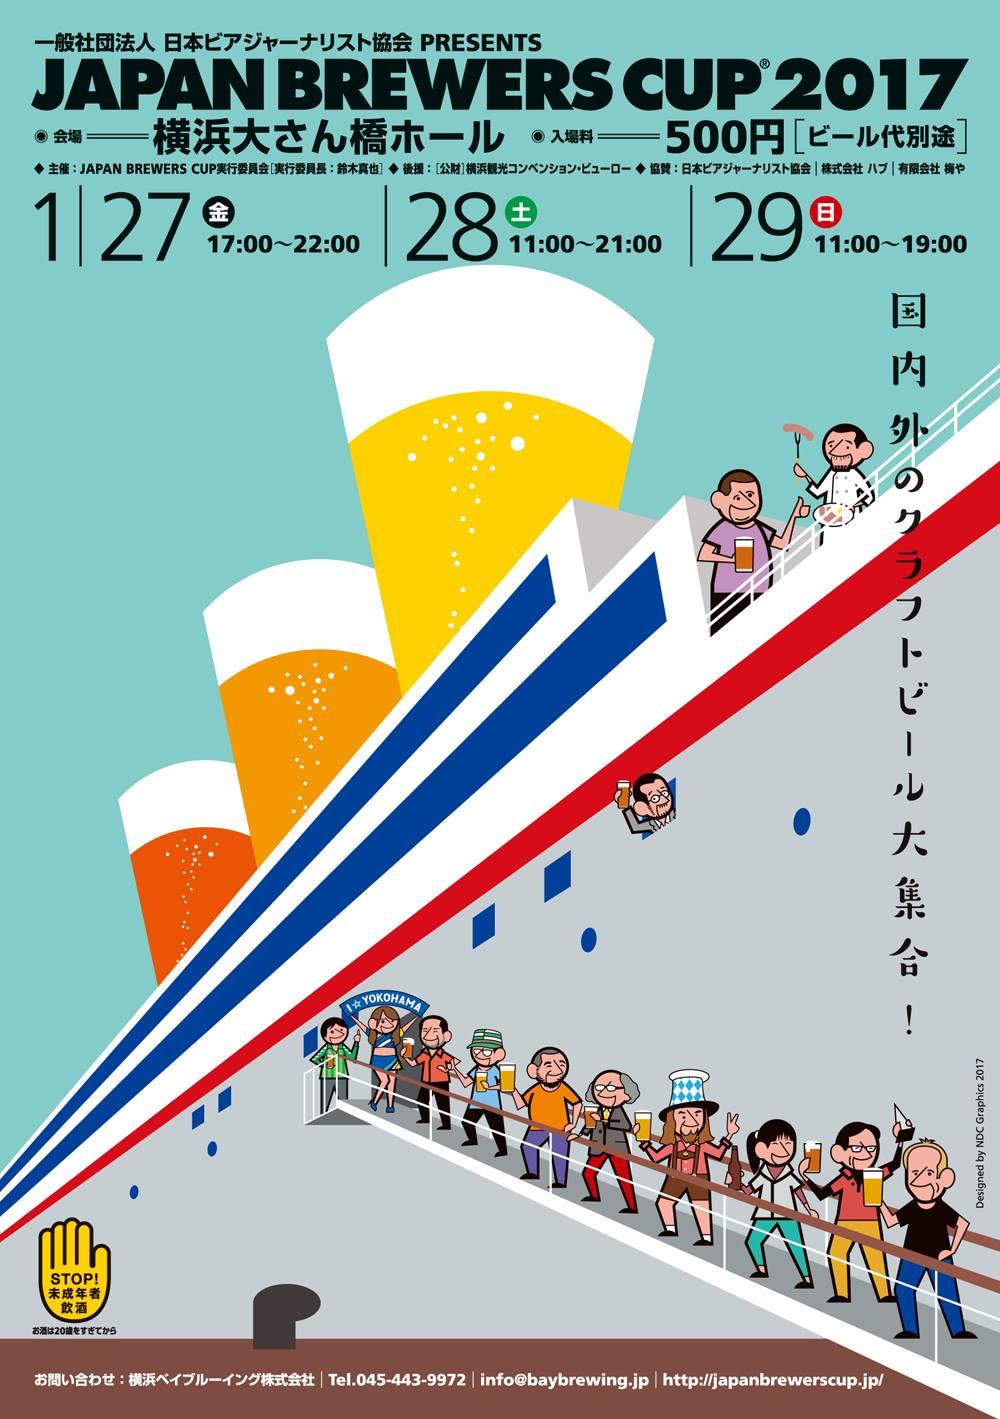 http://japanbrewerscup.jp/b08d4b5f1a1b387a71ef75b5283d2bf403f5ddfb.jpg